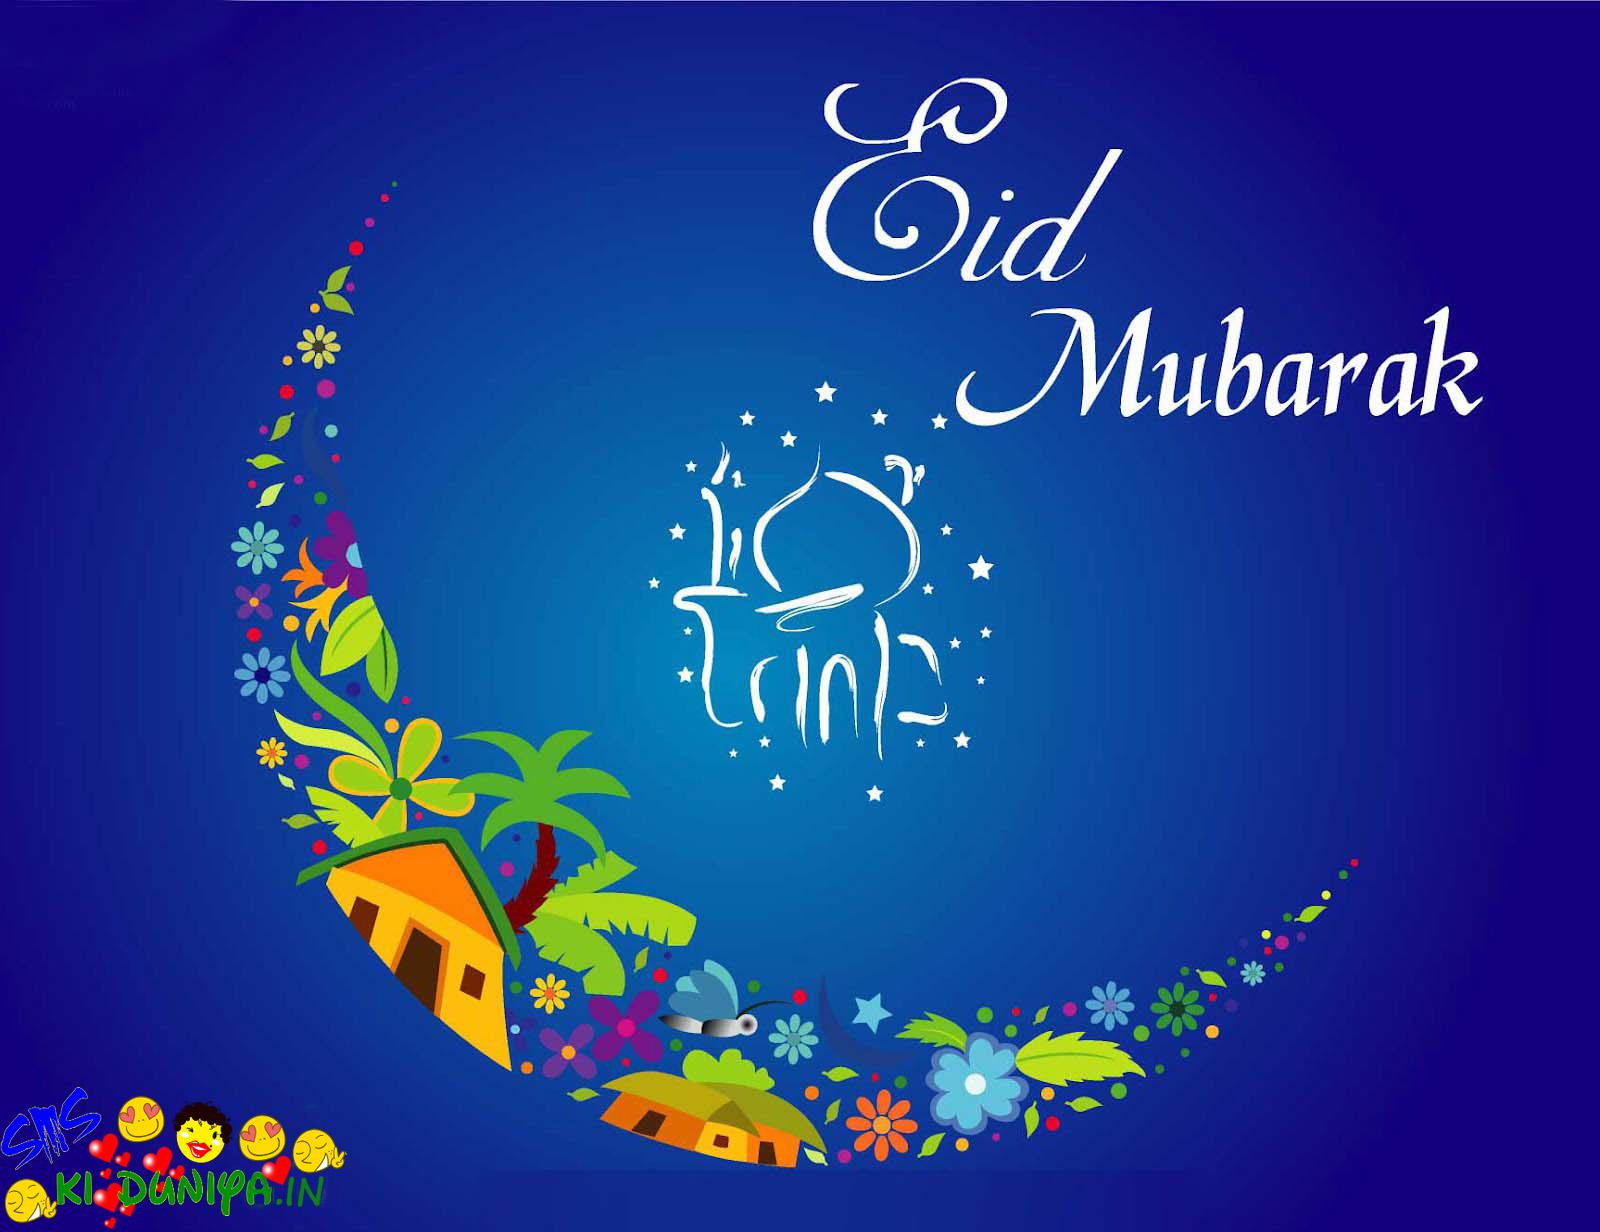 In Urdu Eid Mubarak Happy Eid Eid Images